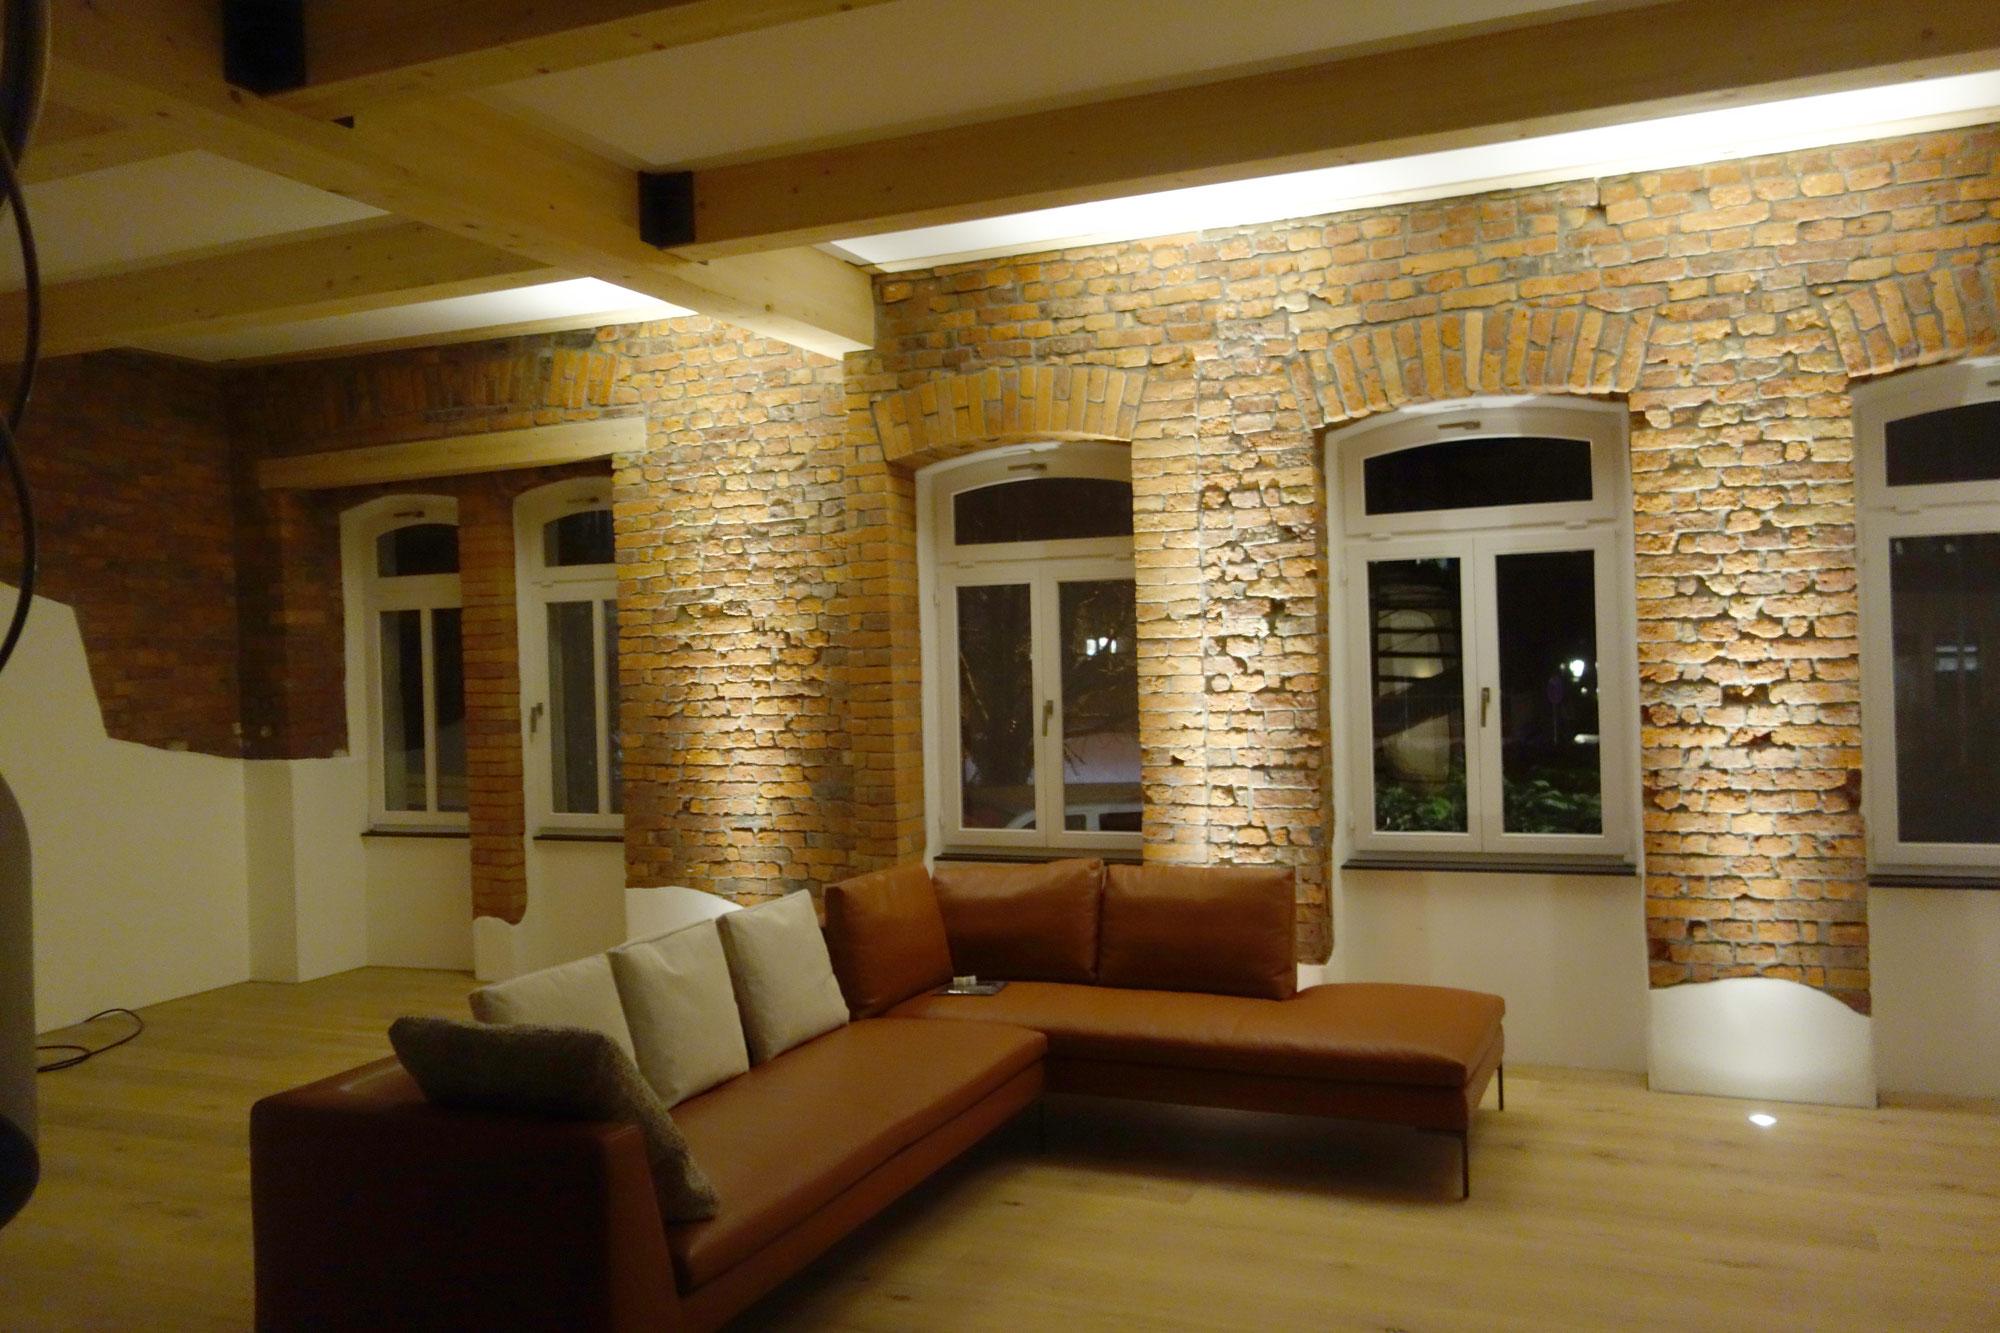 agil holz und bautenschutz 1511336017s webseite. Black Bedroom Furniture Sets. Home Design Ideas